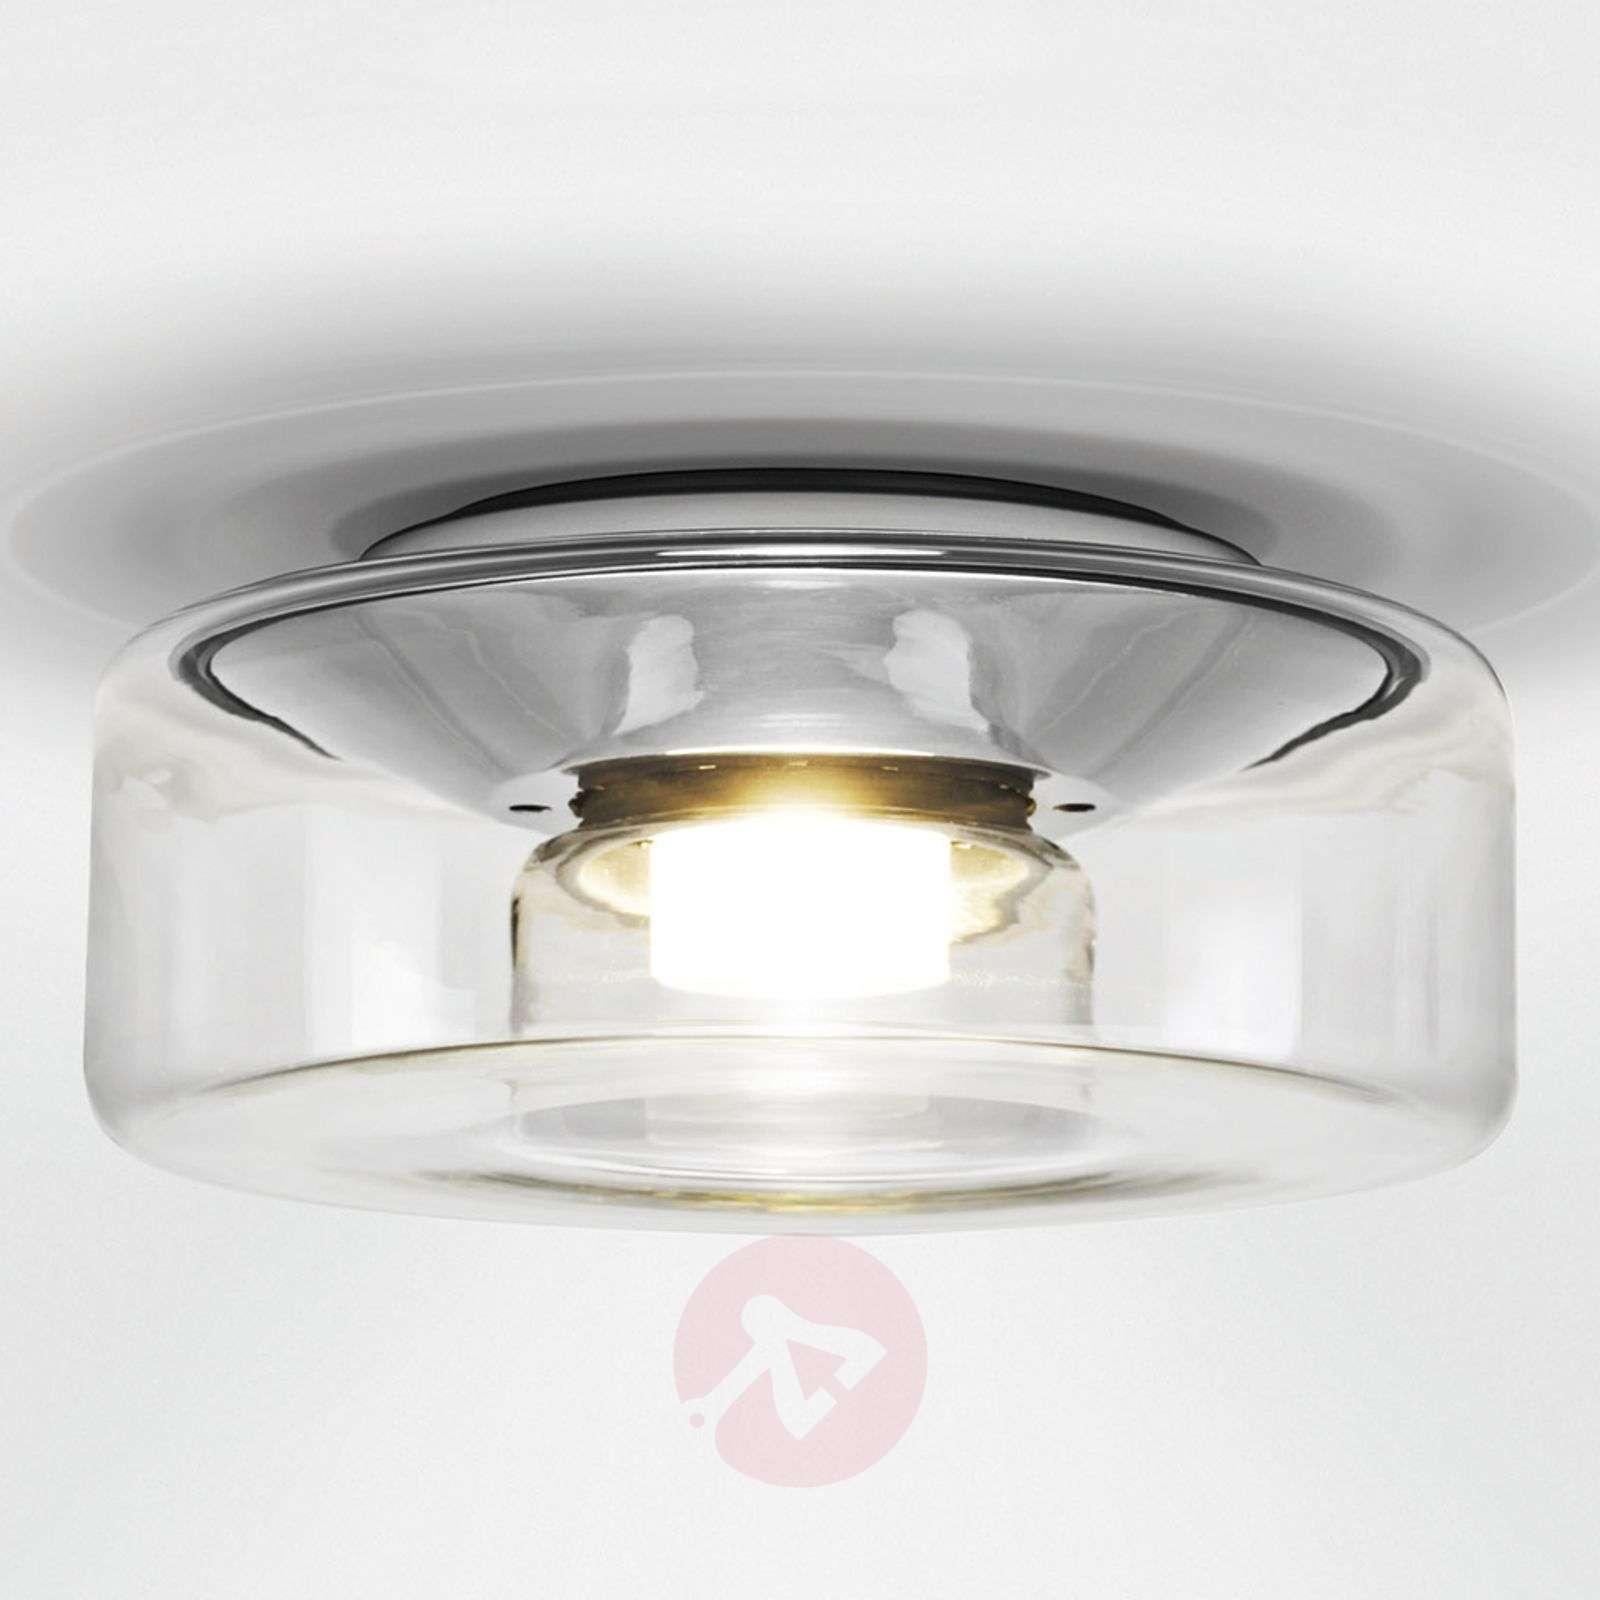 Kirkas lasivarjostin LED-kattovalaisin Curling M-8550045-01